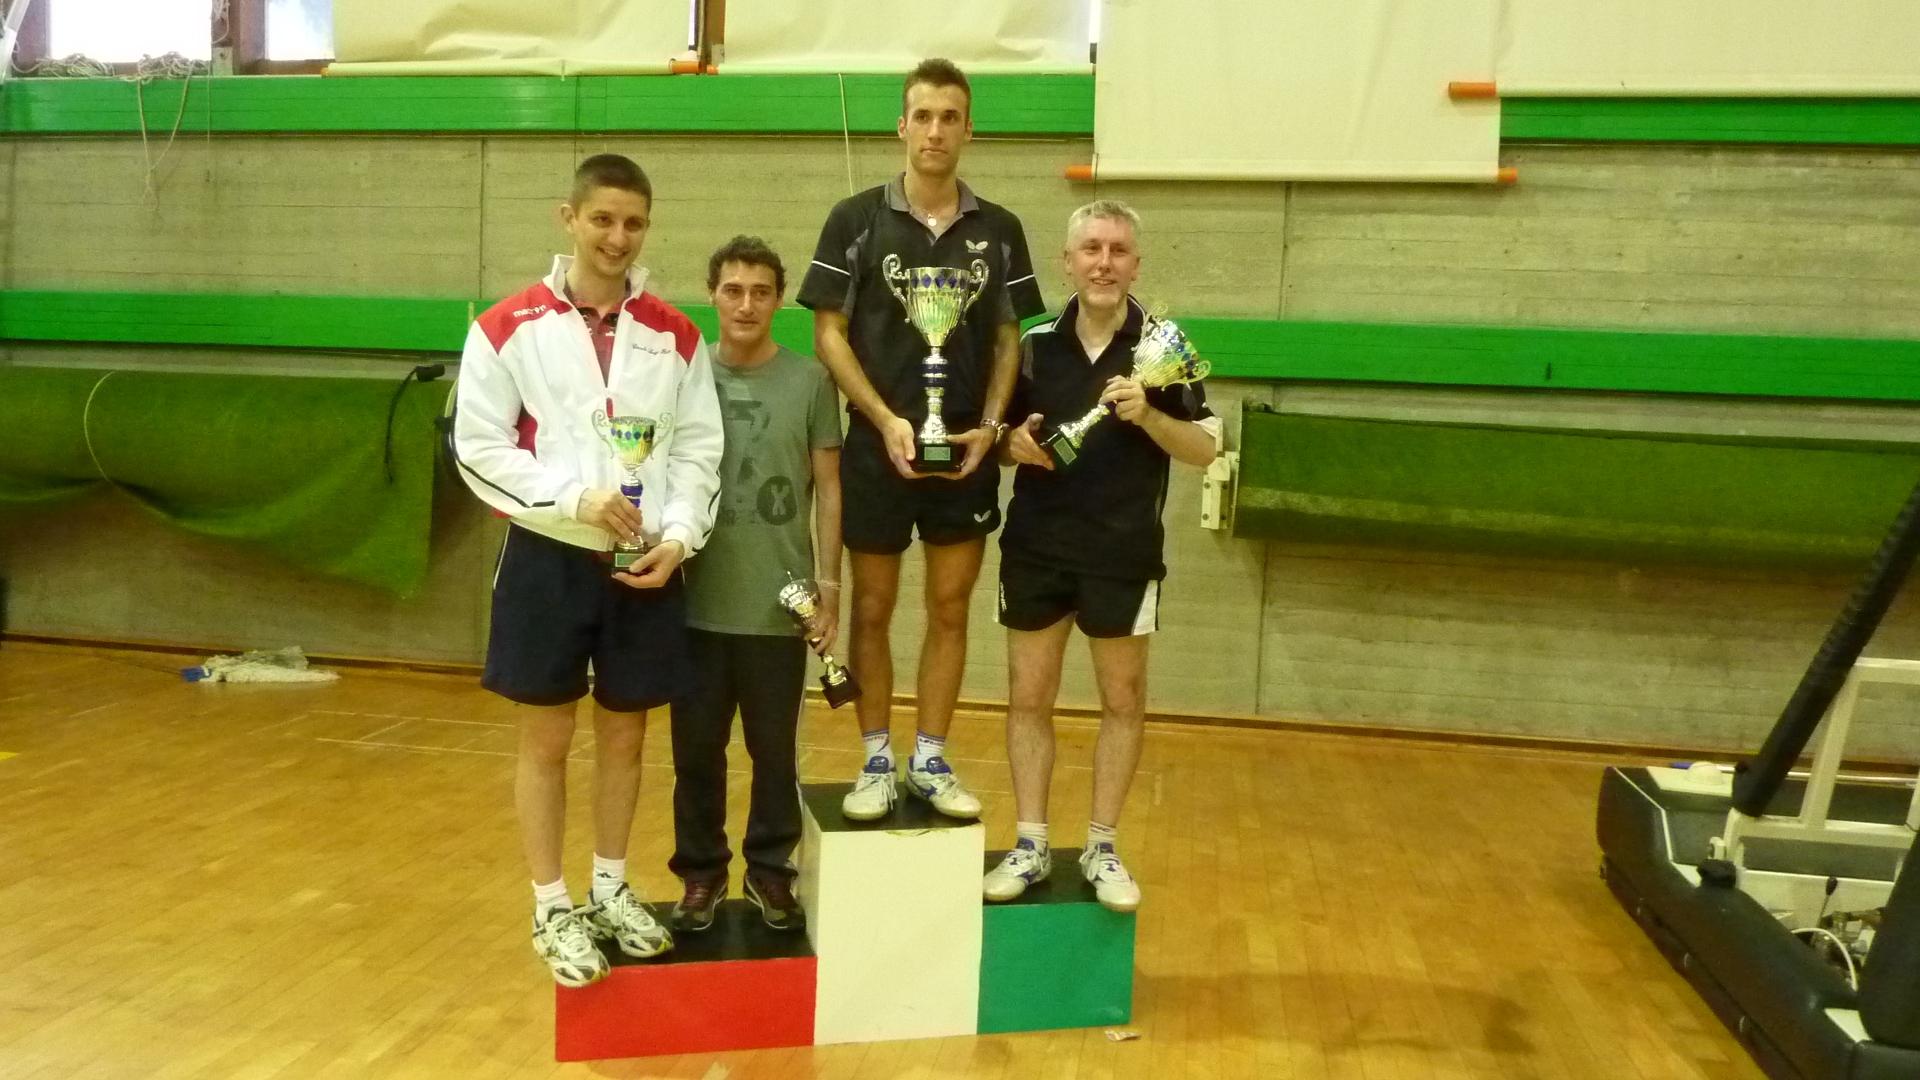 Loano risultati grand prix coppa liguria tennis tavolo - Stefano bosi tennis tavolo ...